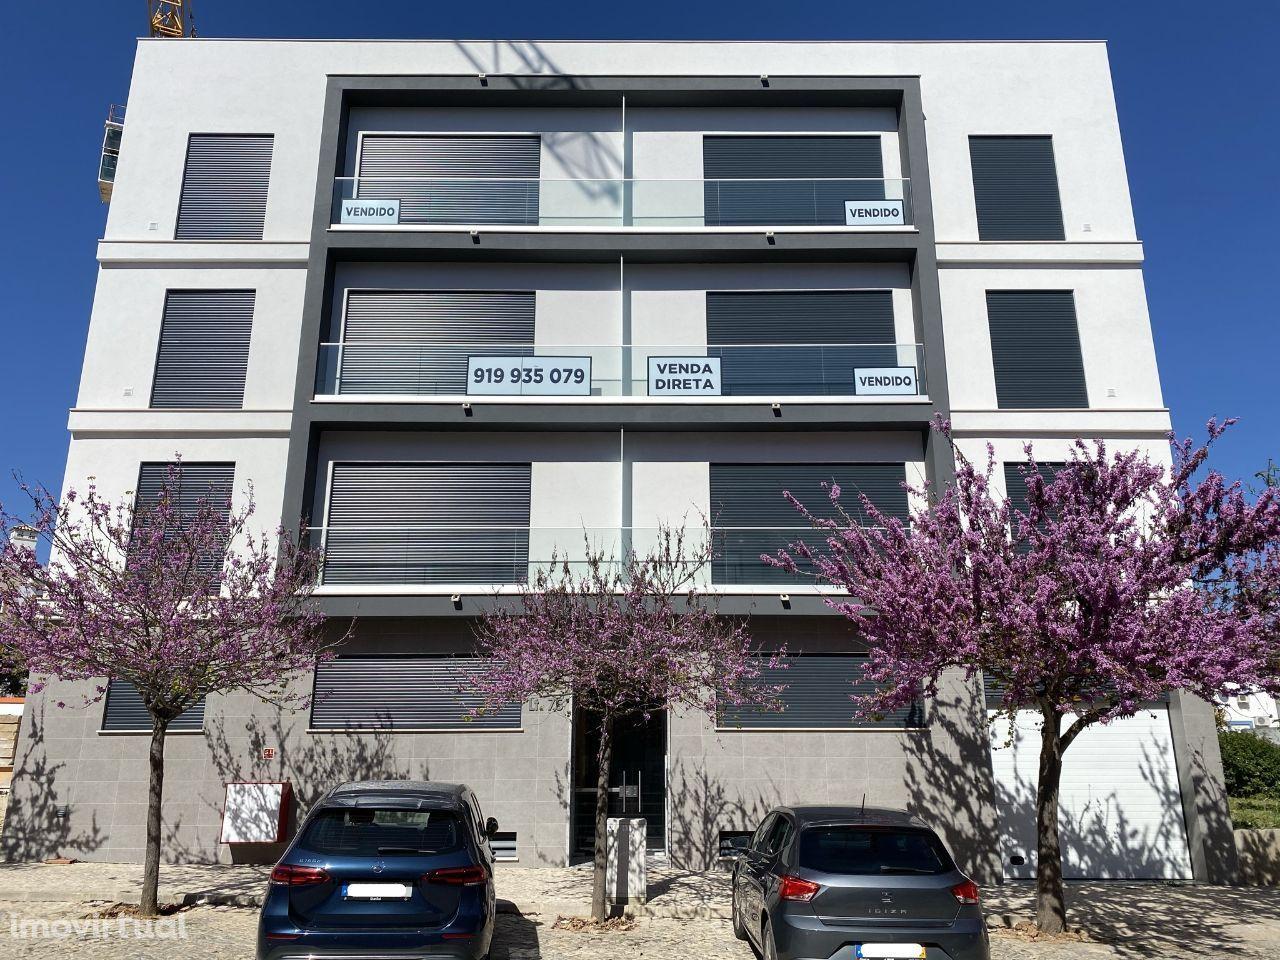    VENDA DIRETA    Apartamento T2   Fase Final Construção   2 DRT